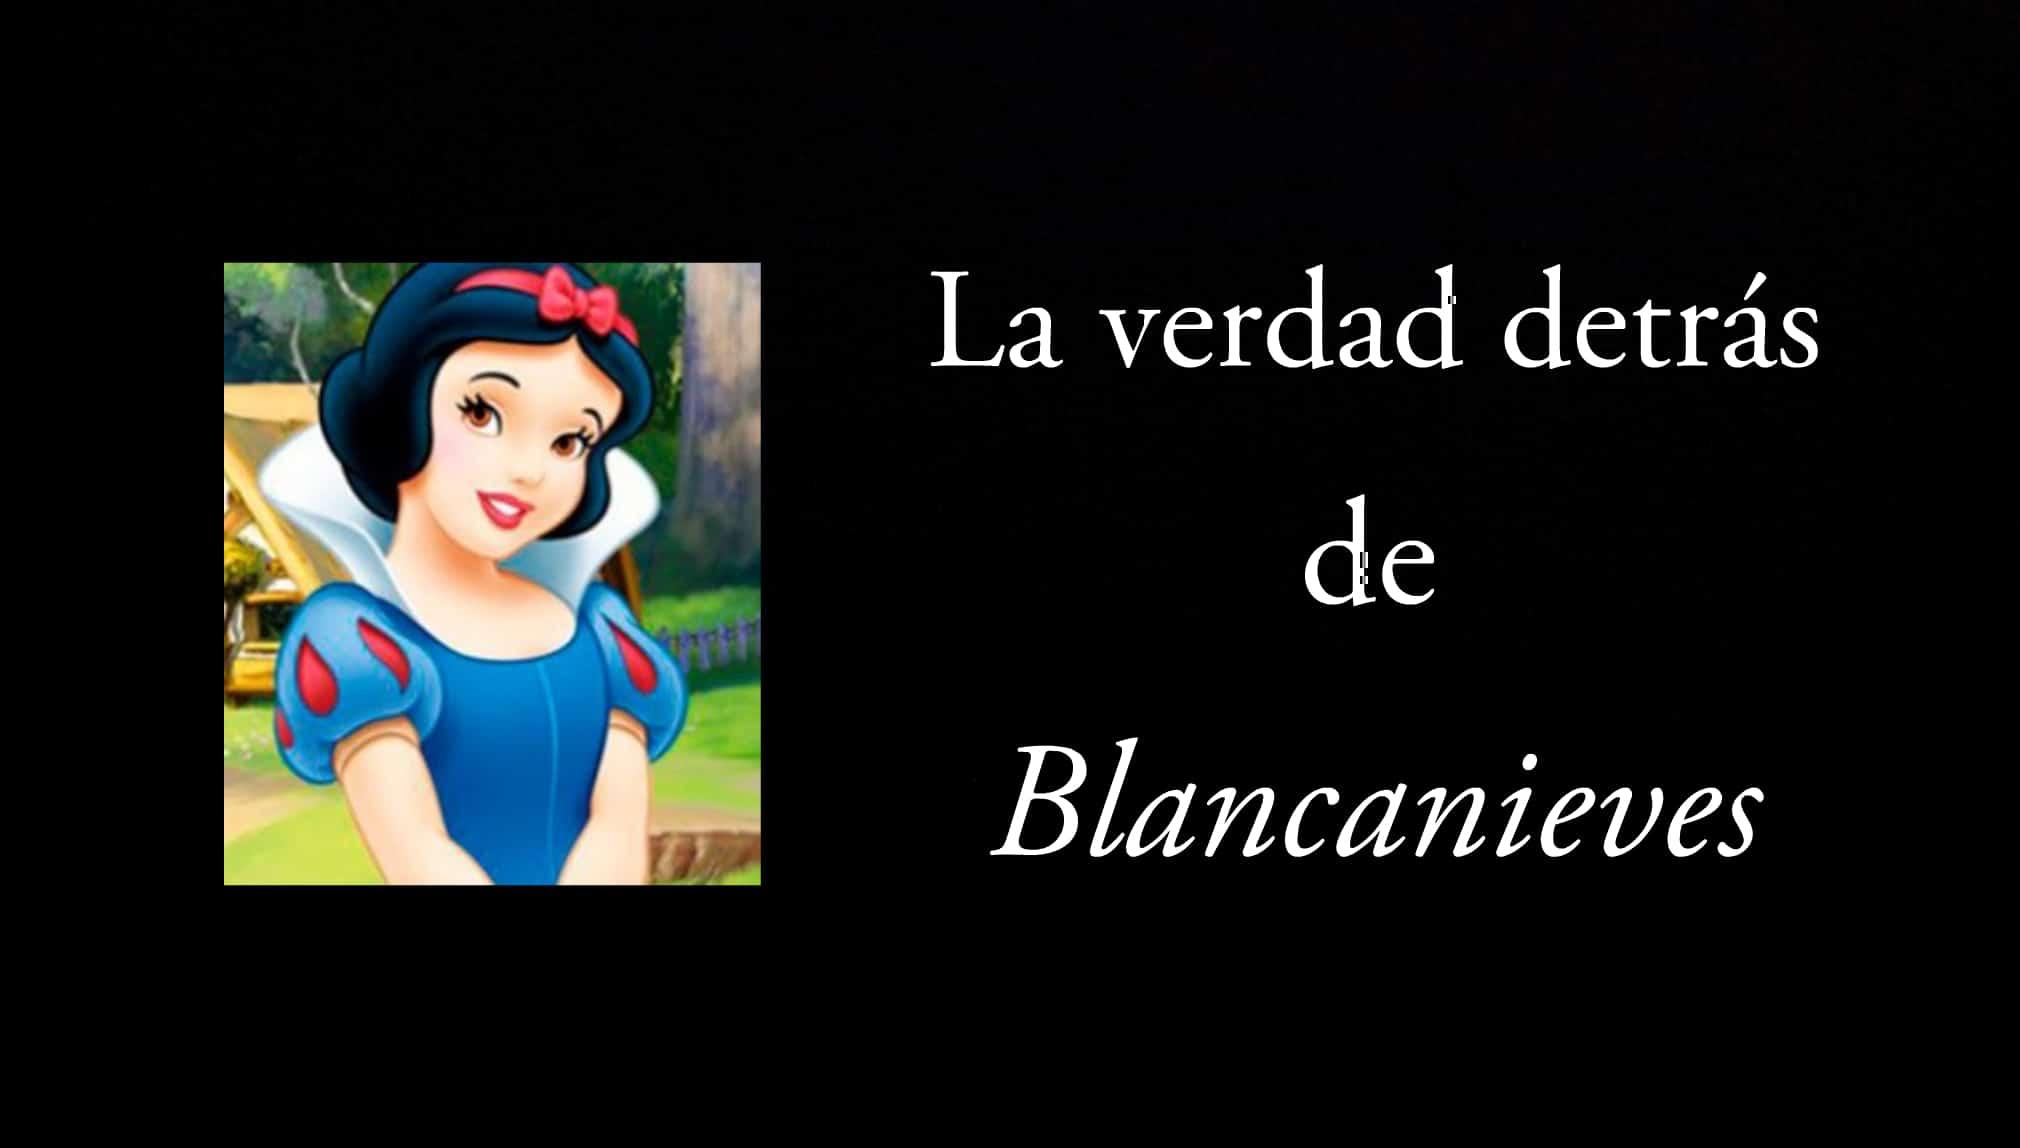 La verdad detrás de Blancanieves.